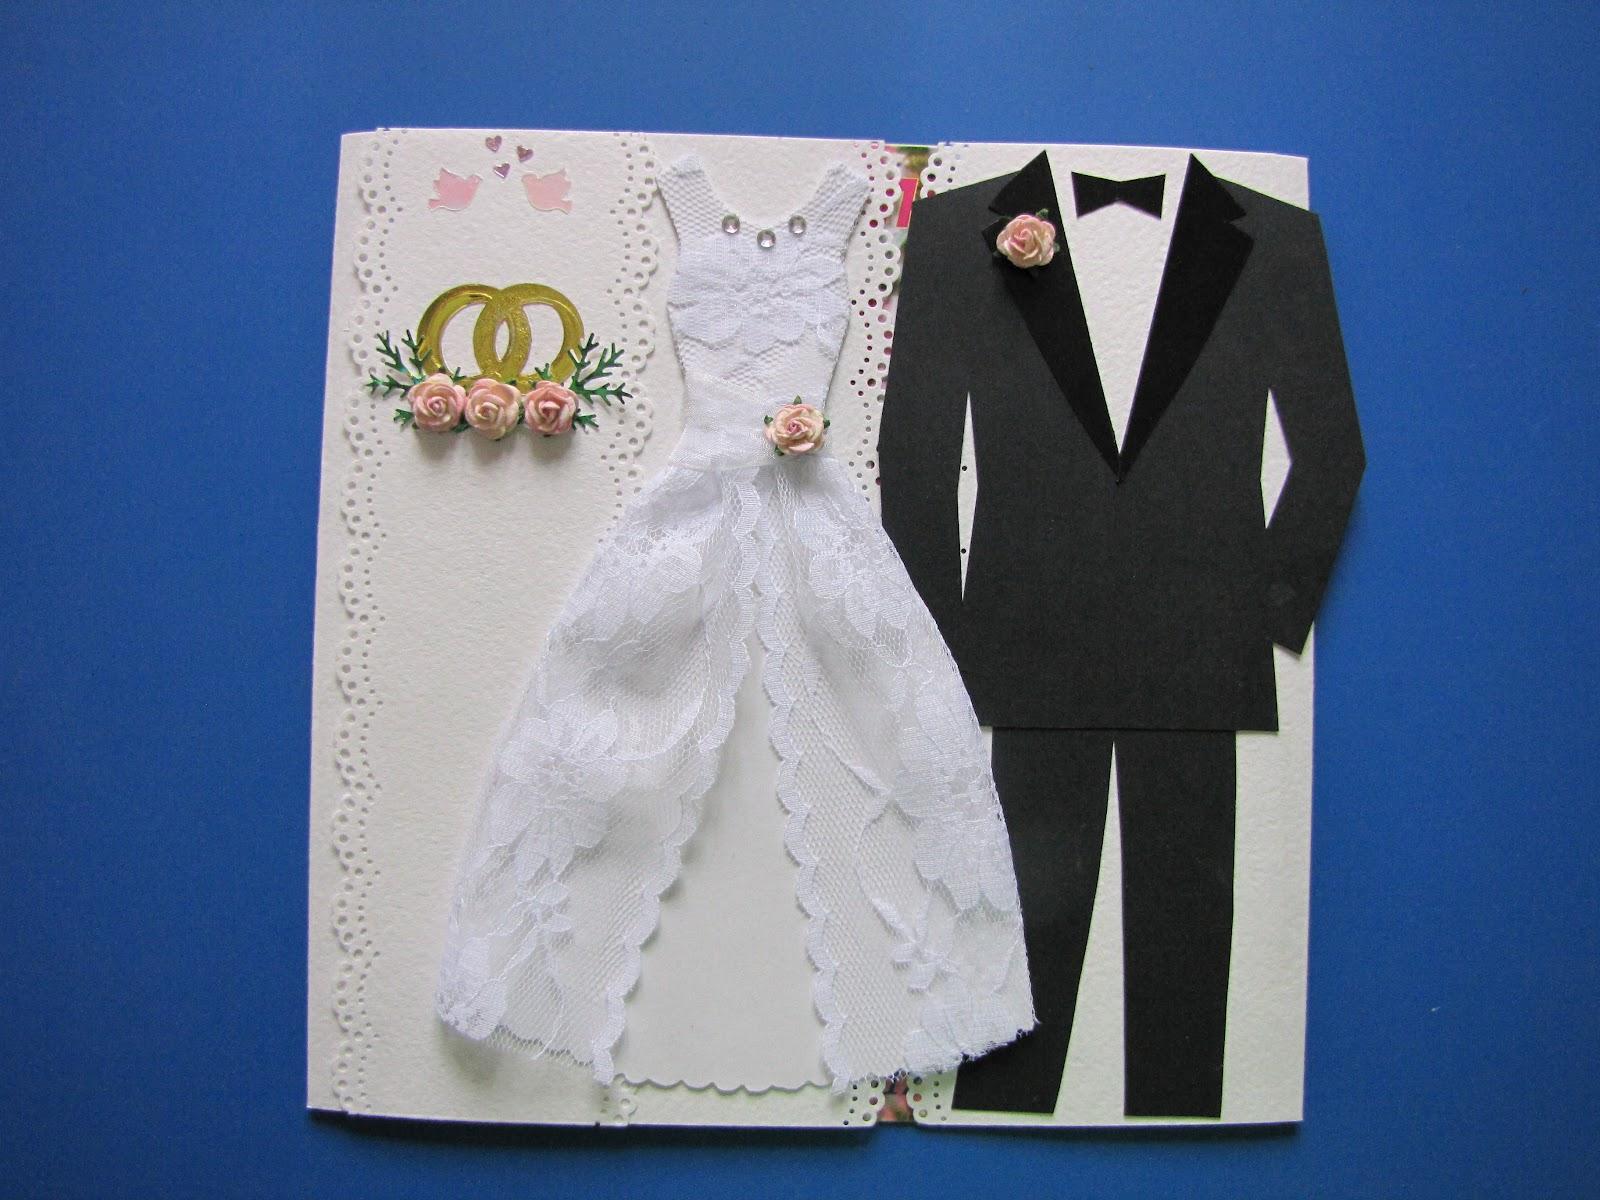 Годовщины свадьбы - названия свадеб - 1 год - 2 3 4 года 93